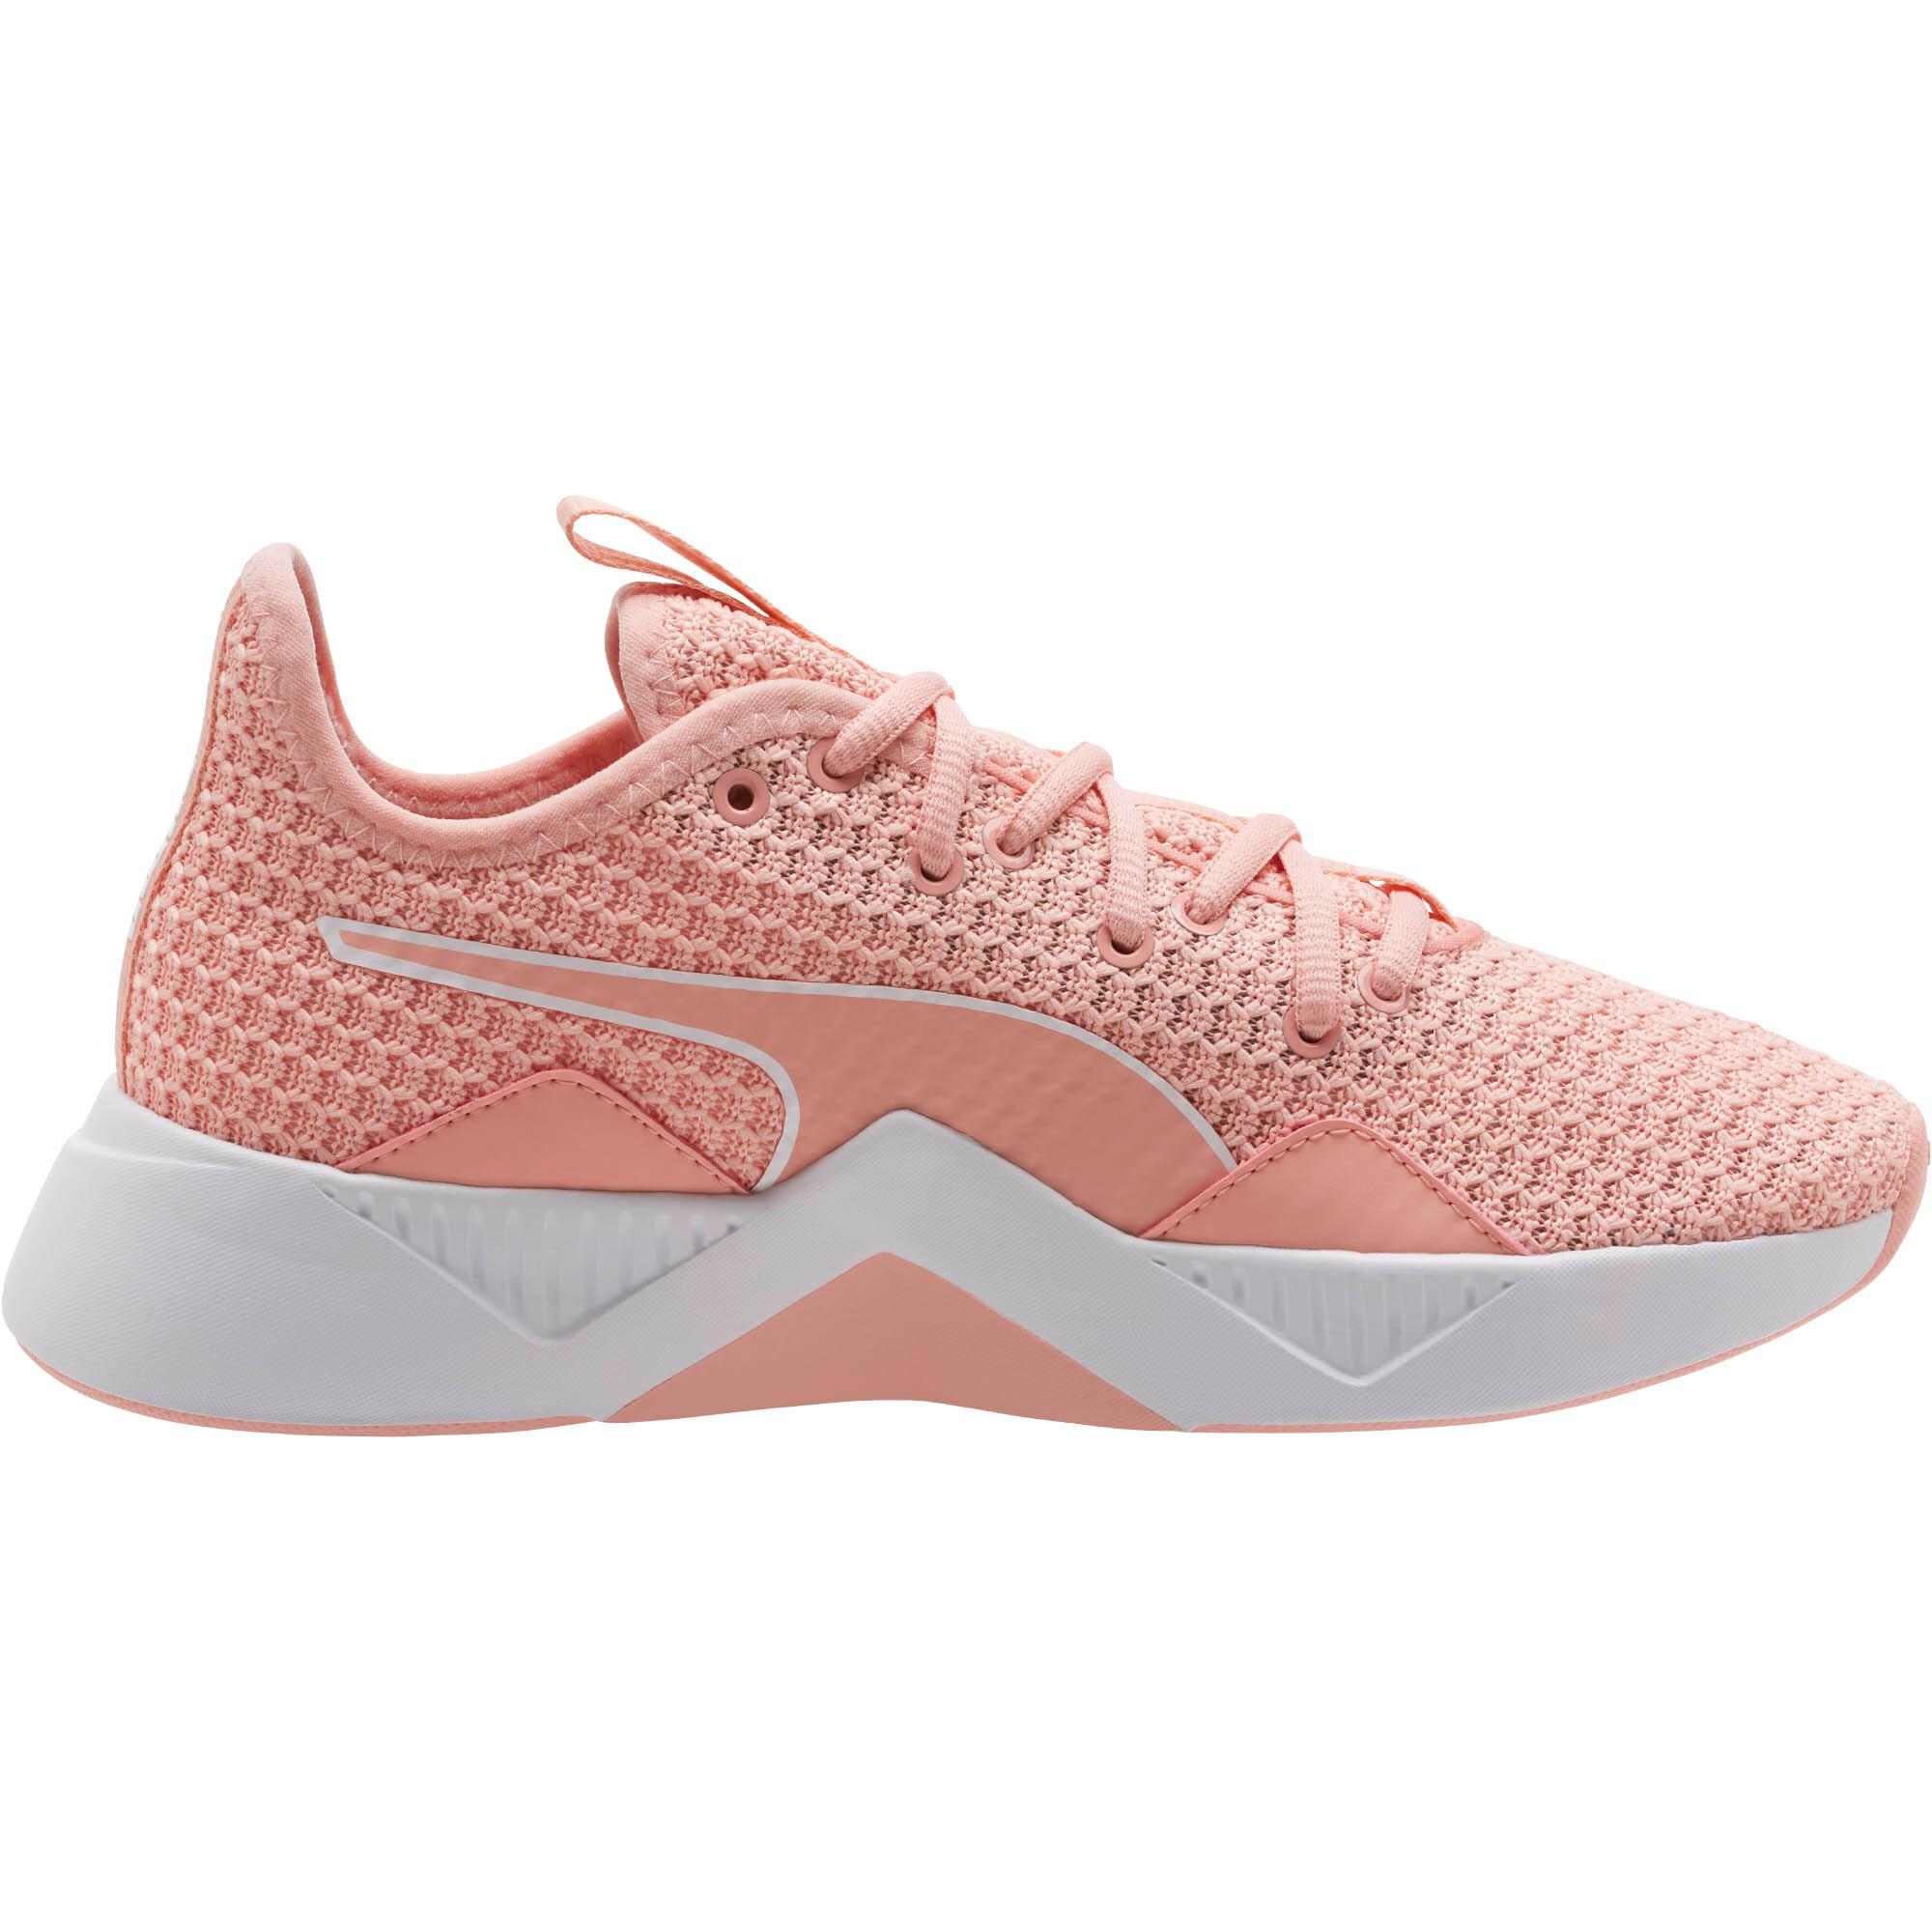 PUMA-Incite-FS-Women-039-s-Training-Shoes-Women-Shoe-Training thumbnail 18